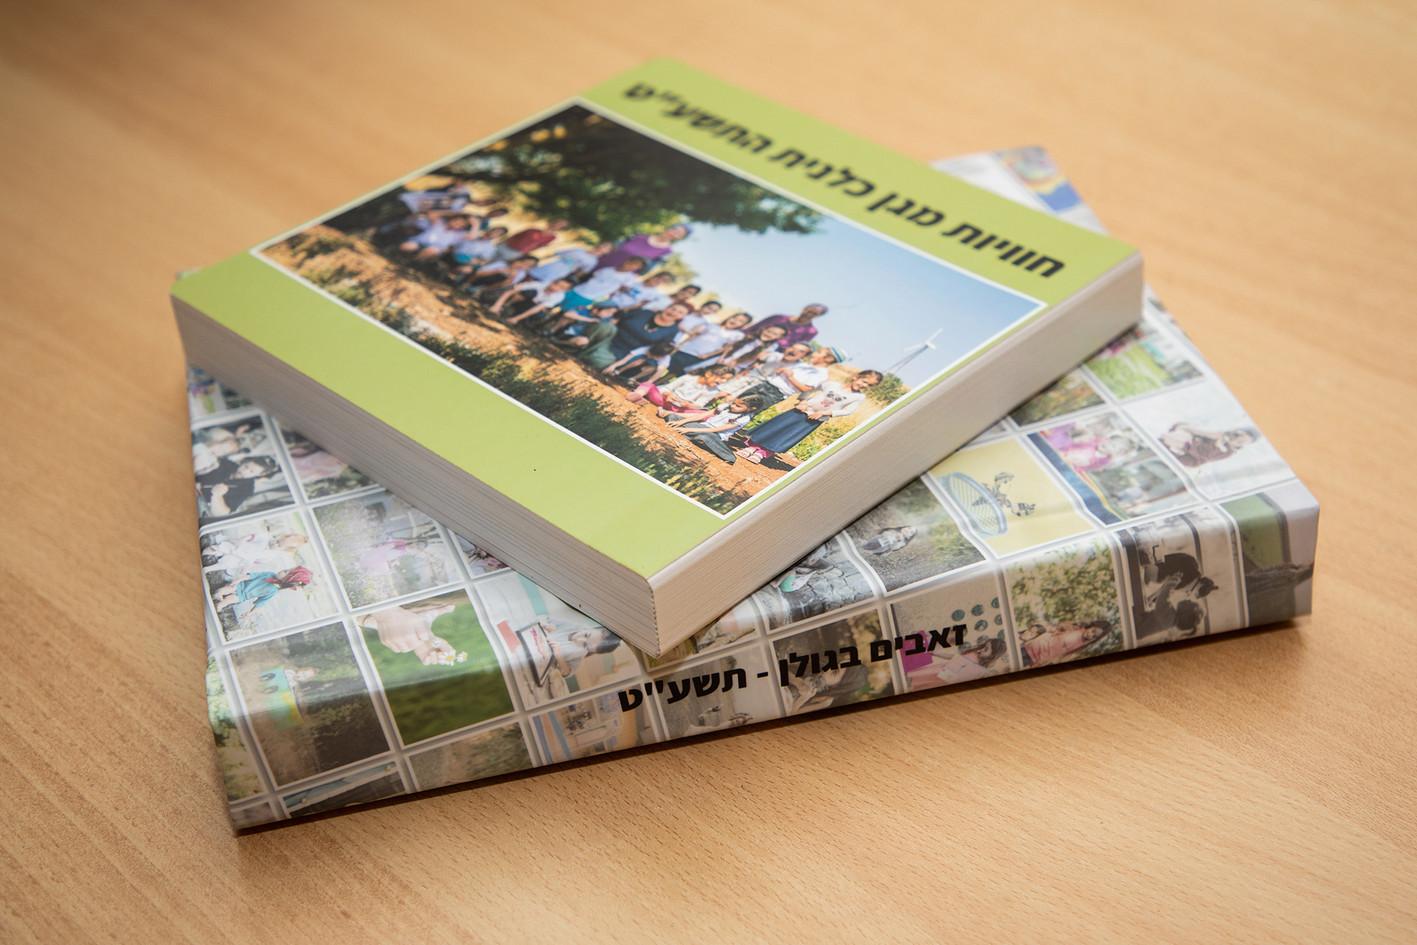 אלבום בכריכת ספר מודפסת ואלבום בוק.